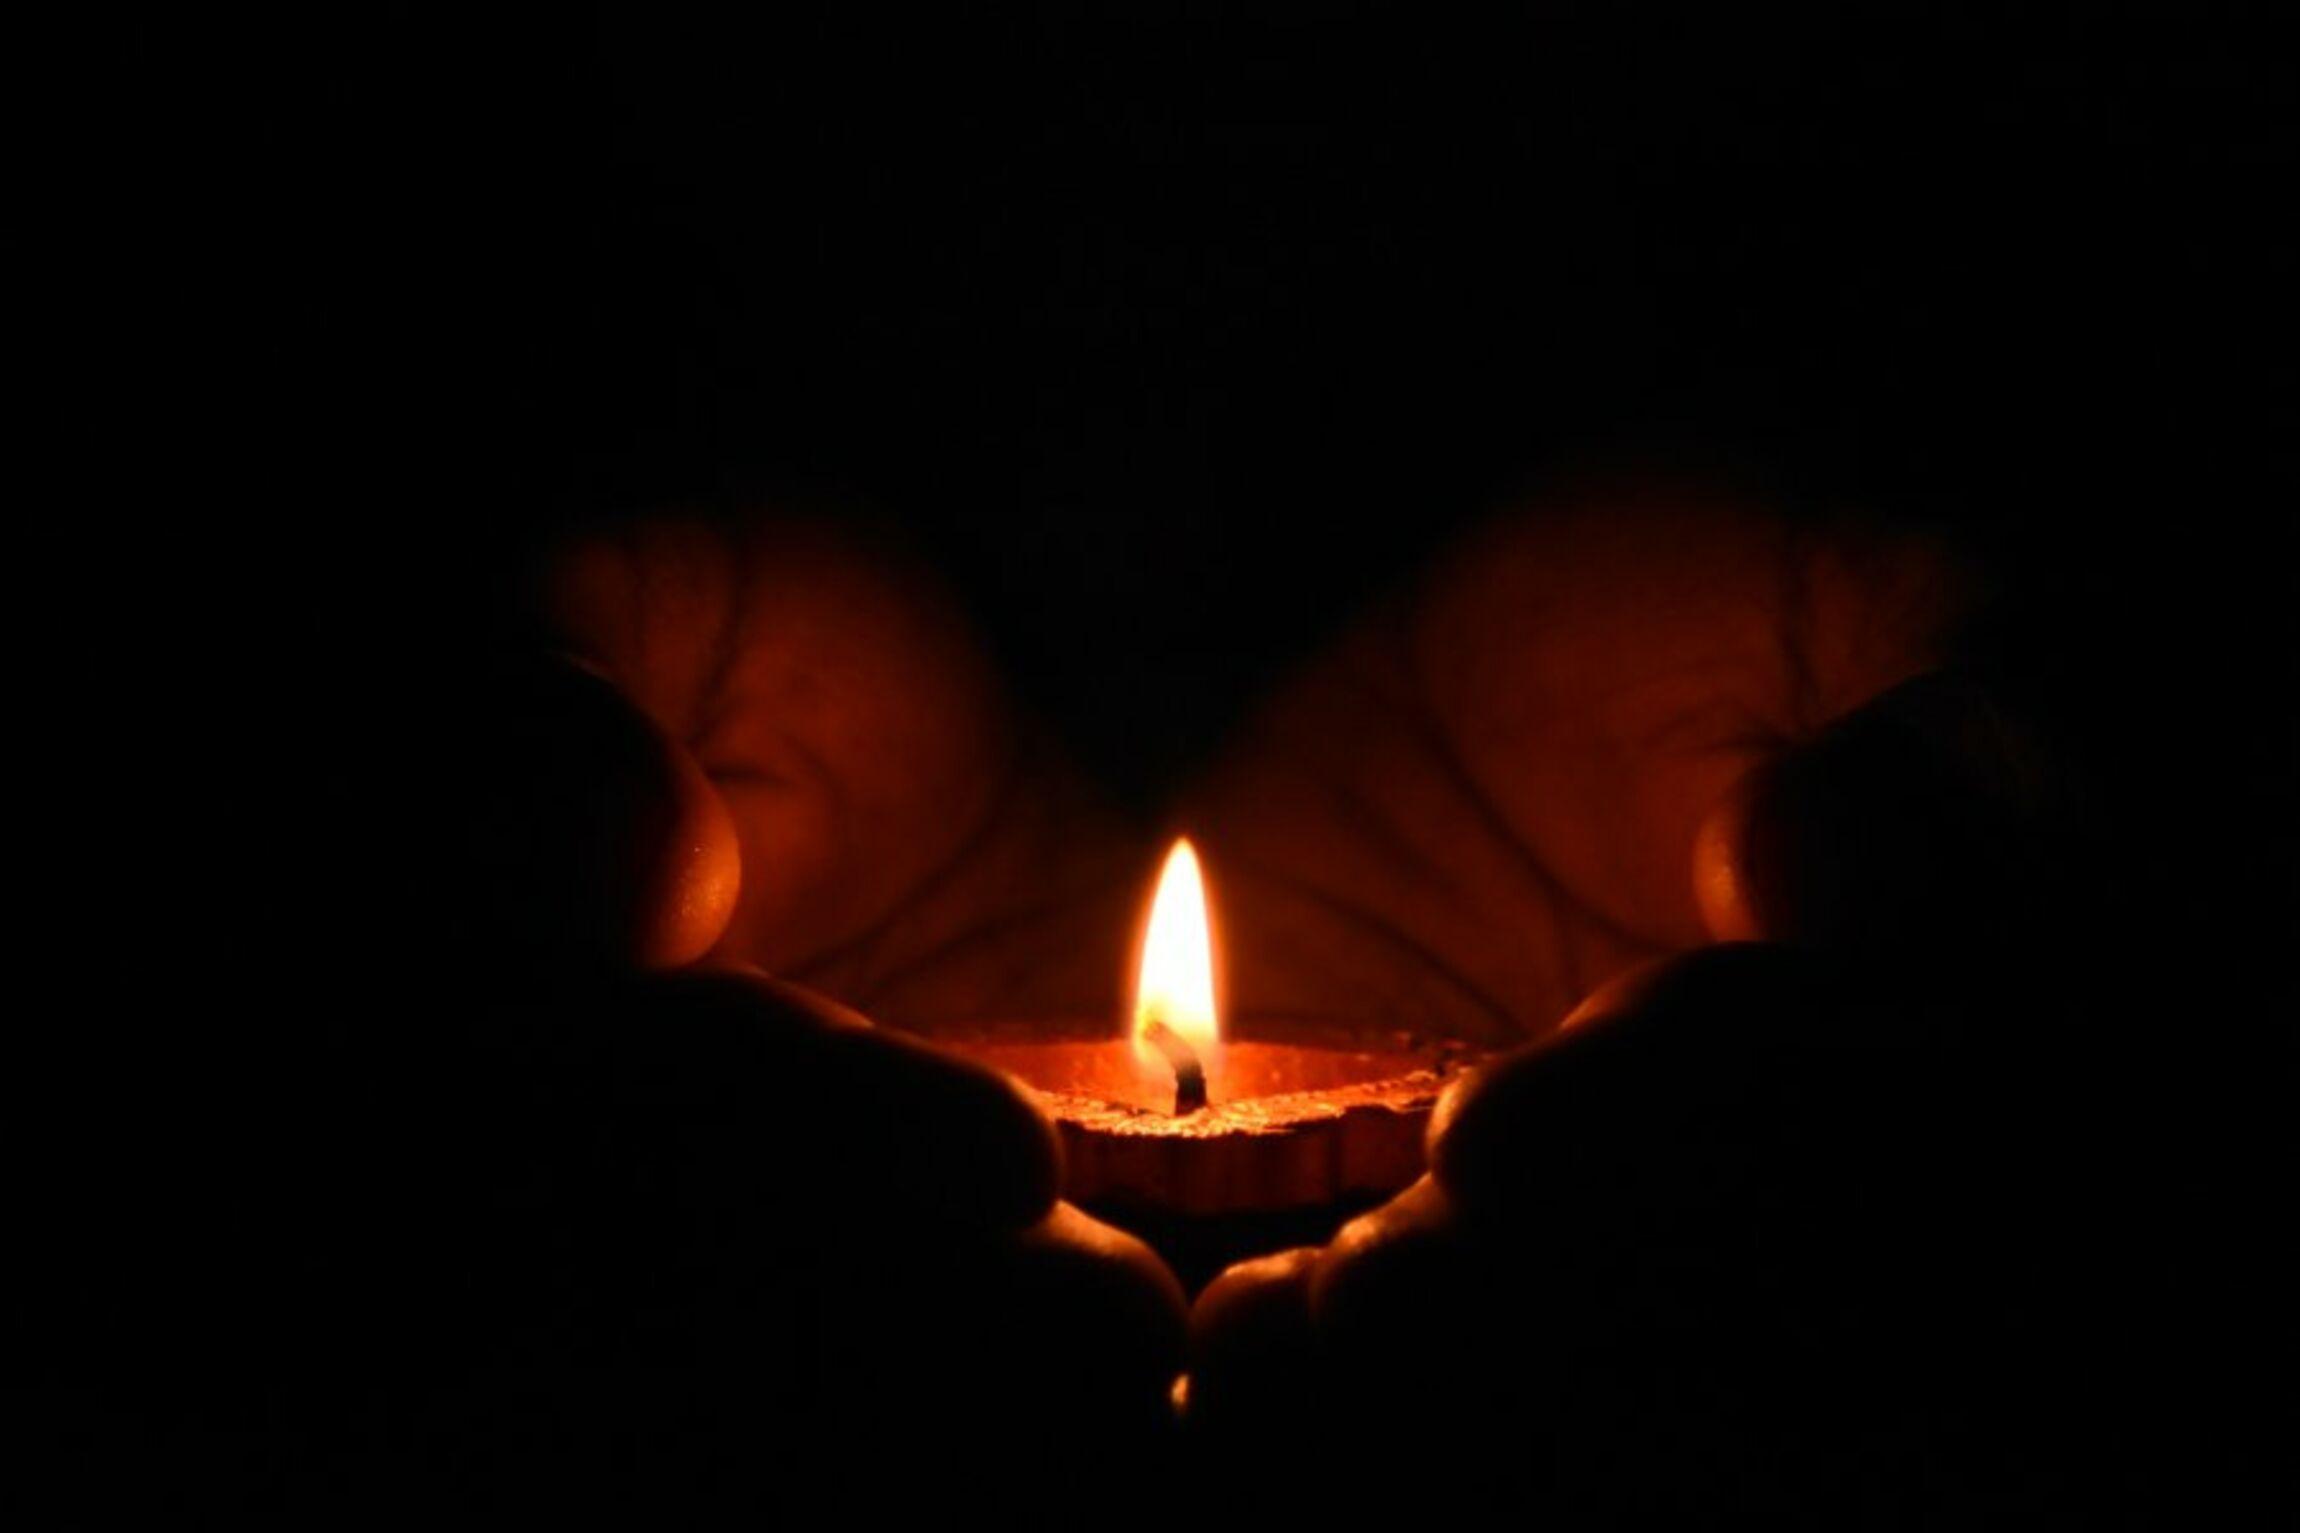 Beerdigung Symbolbild